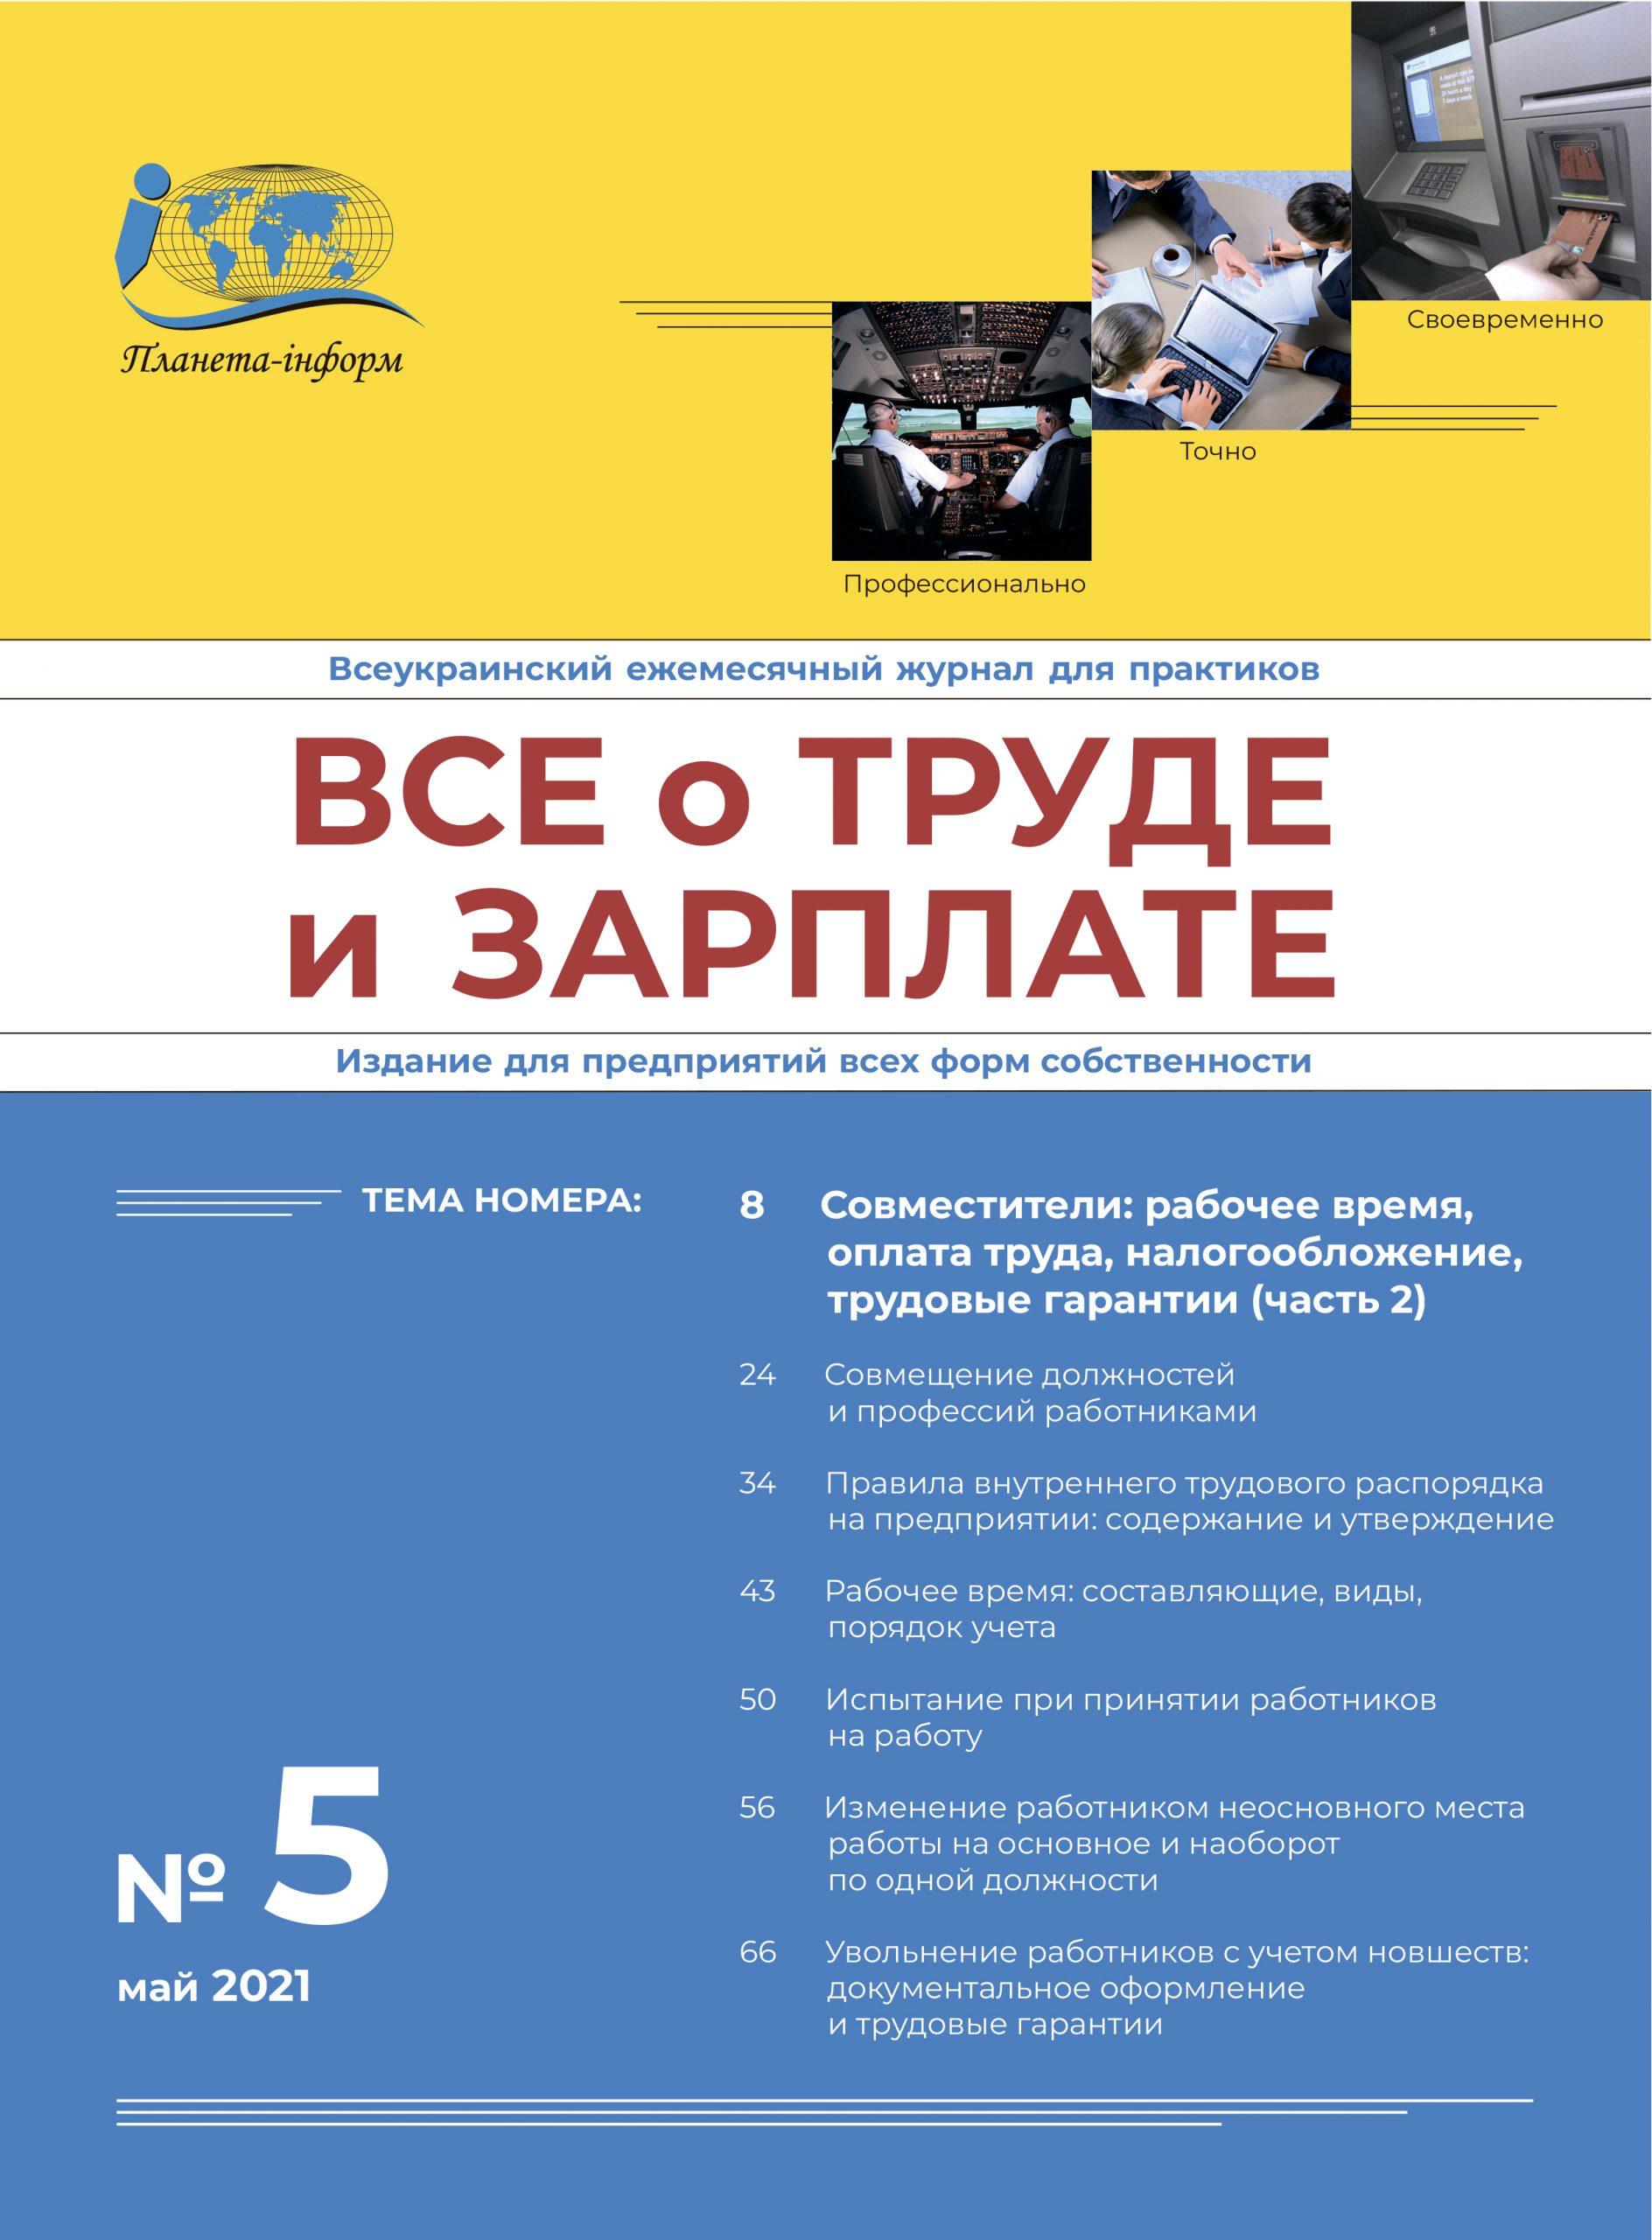 Журнал «Все о труде и зарплате» № 5/2021